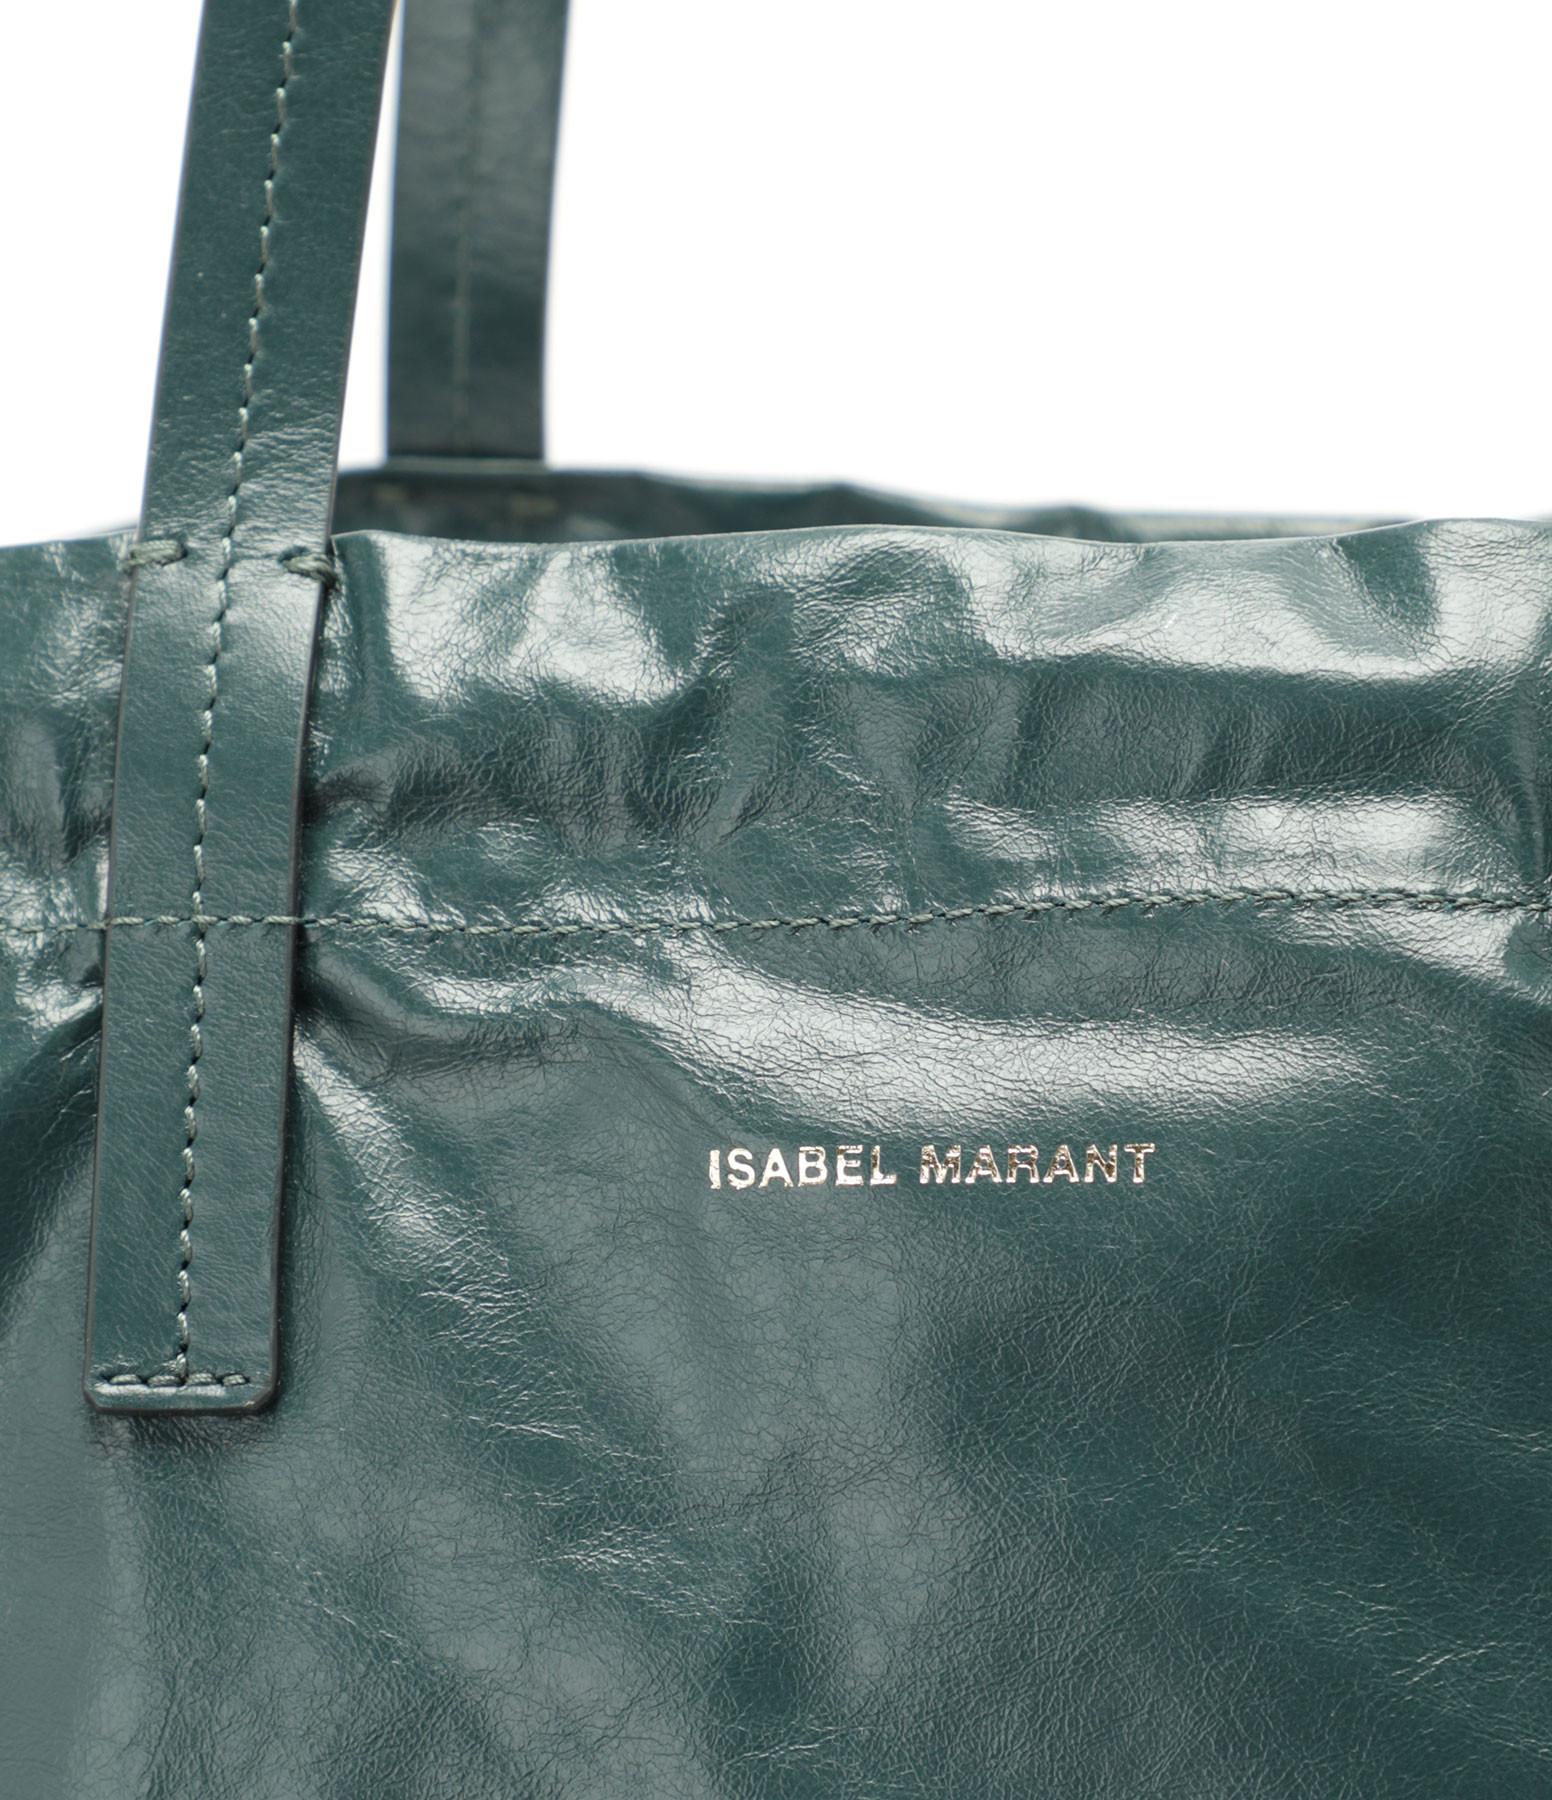 ISABEL MARANT - Sac Chagaar Cuir Vert Foncé